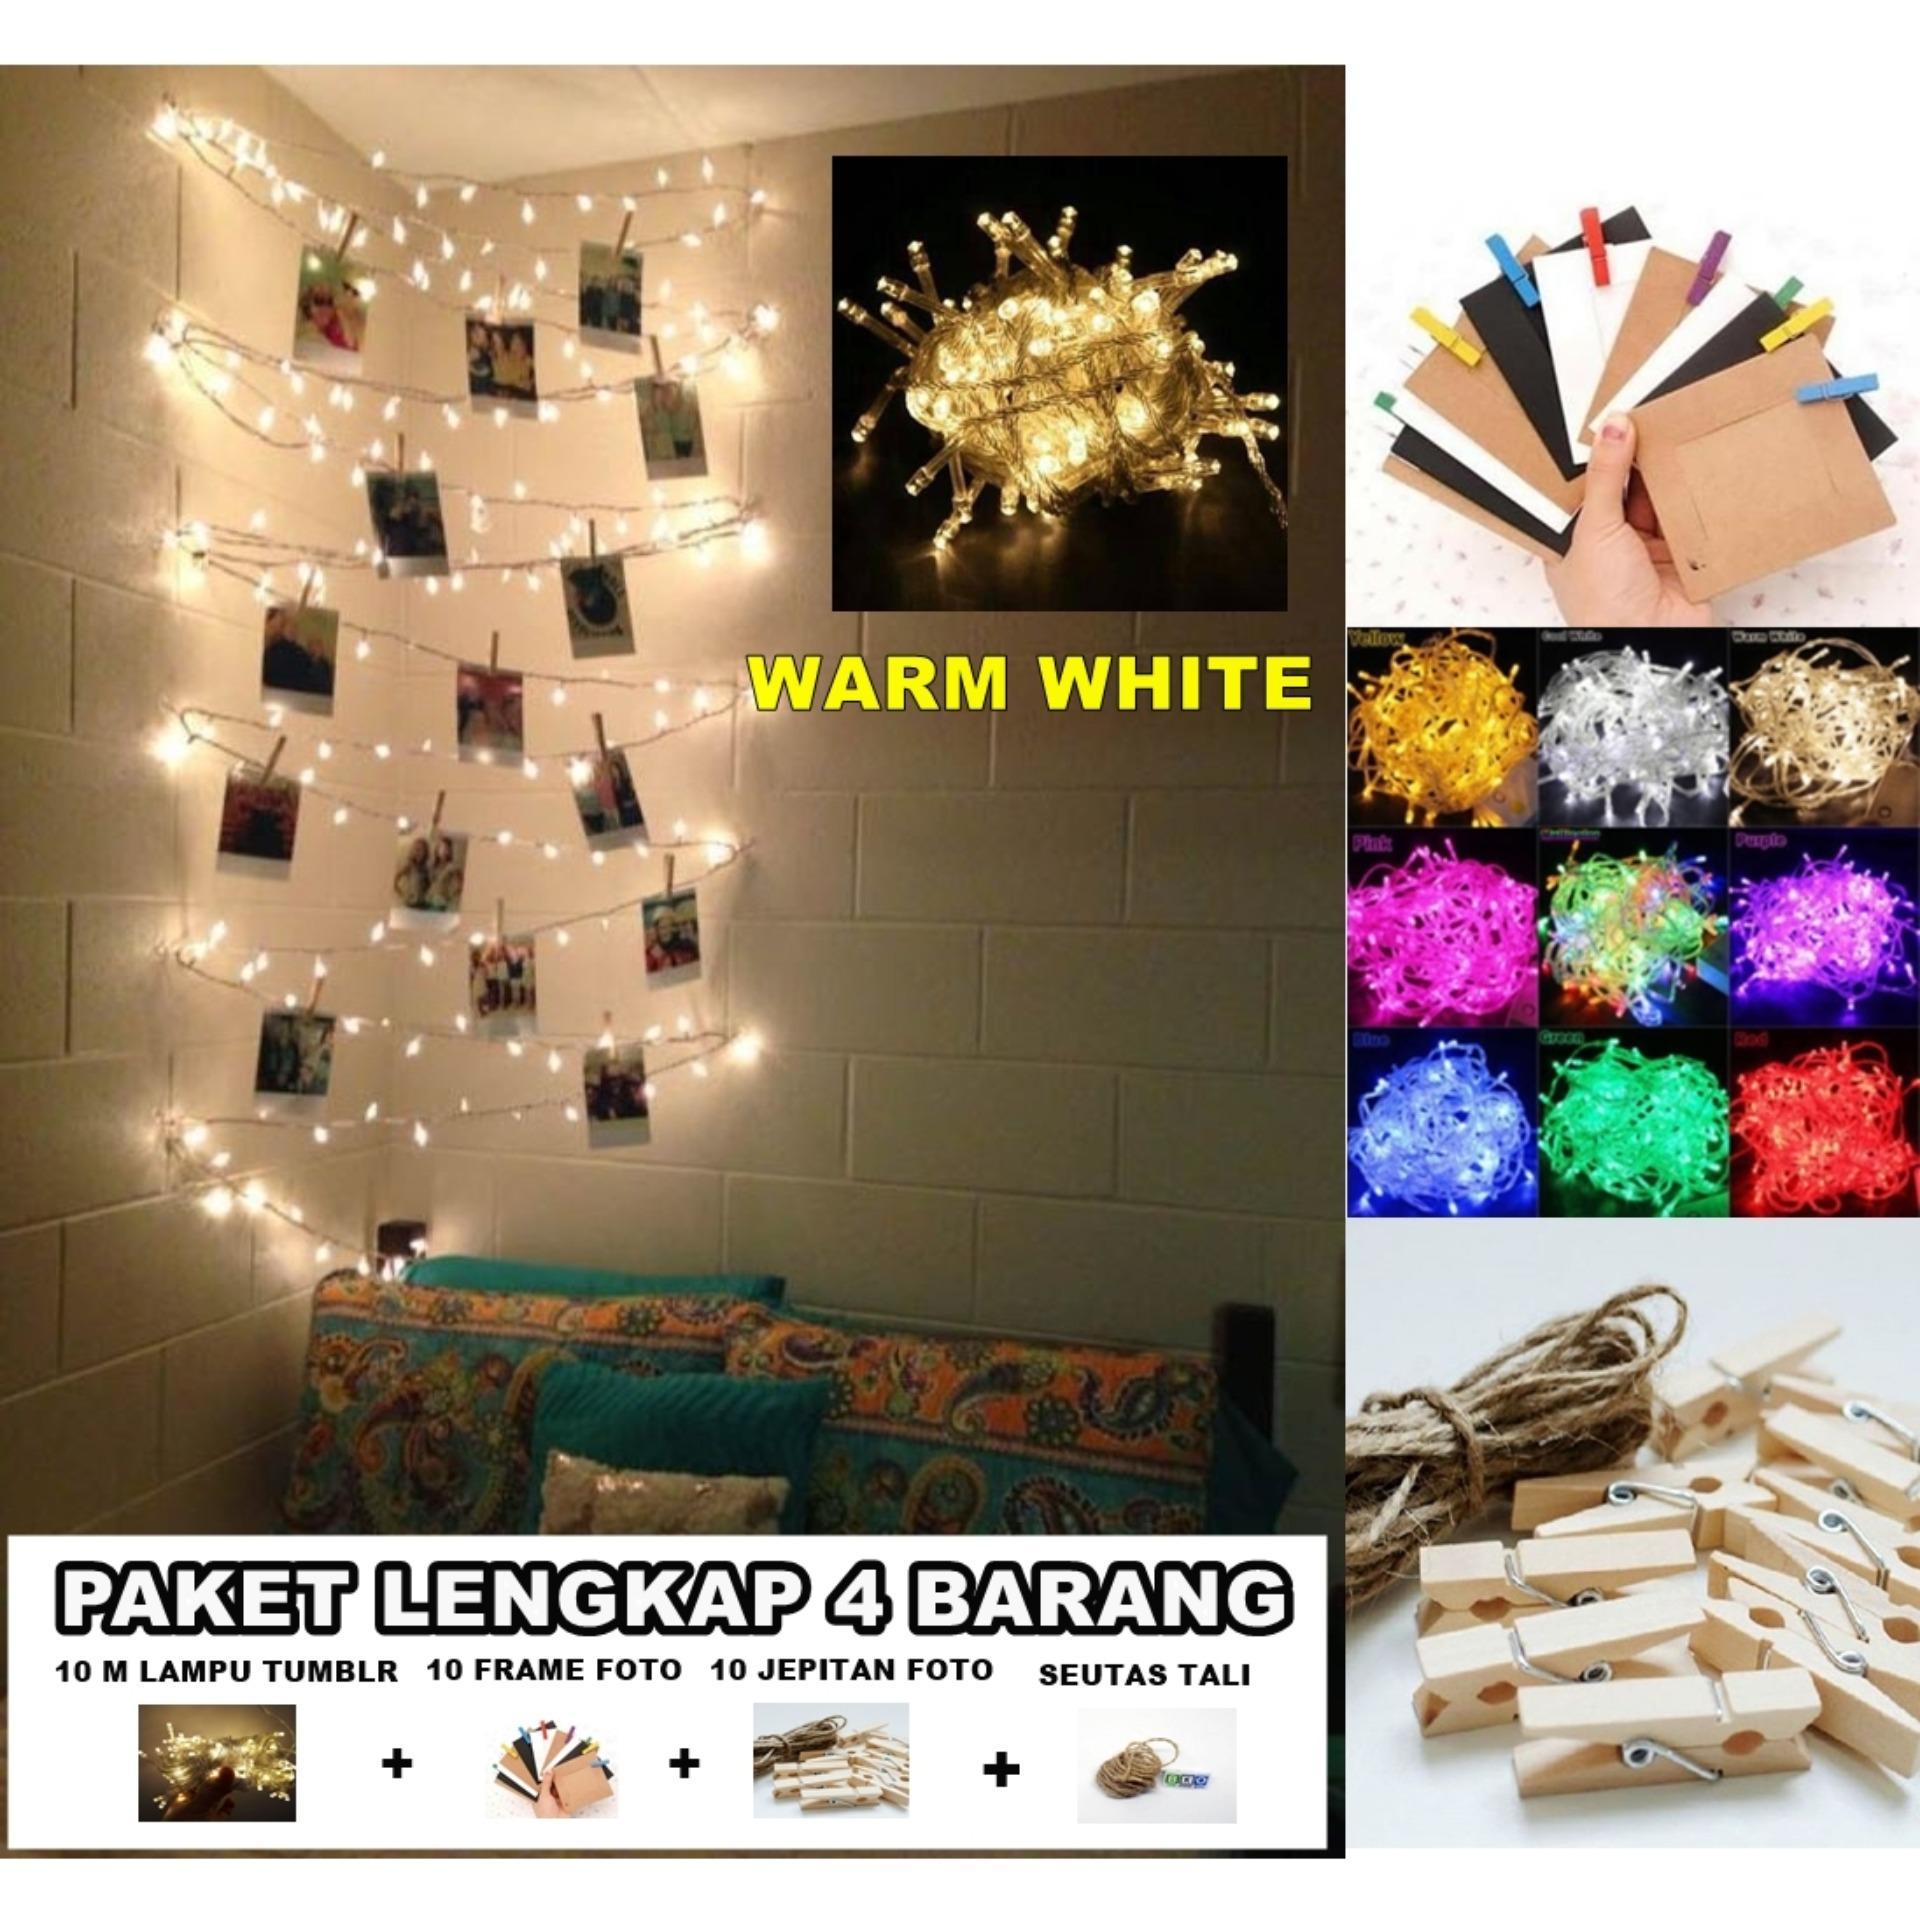 Set Frame Foto gantung Isi 10 Frame Paper, 10 Jepit Kayu, Tali Rami - LAMPU HIAS - Hiasan Rumah, Cafe, Kantor, Kamar, Kostan Tumblr Bingkai foto Dekorasi - dekorasi kamar